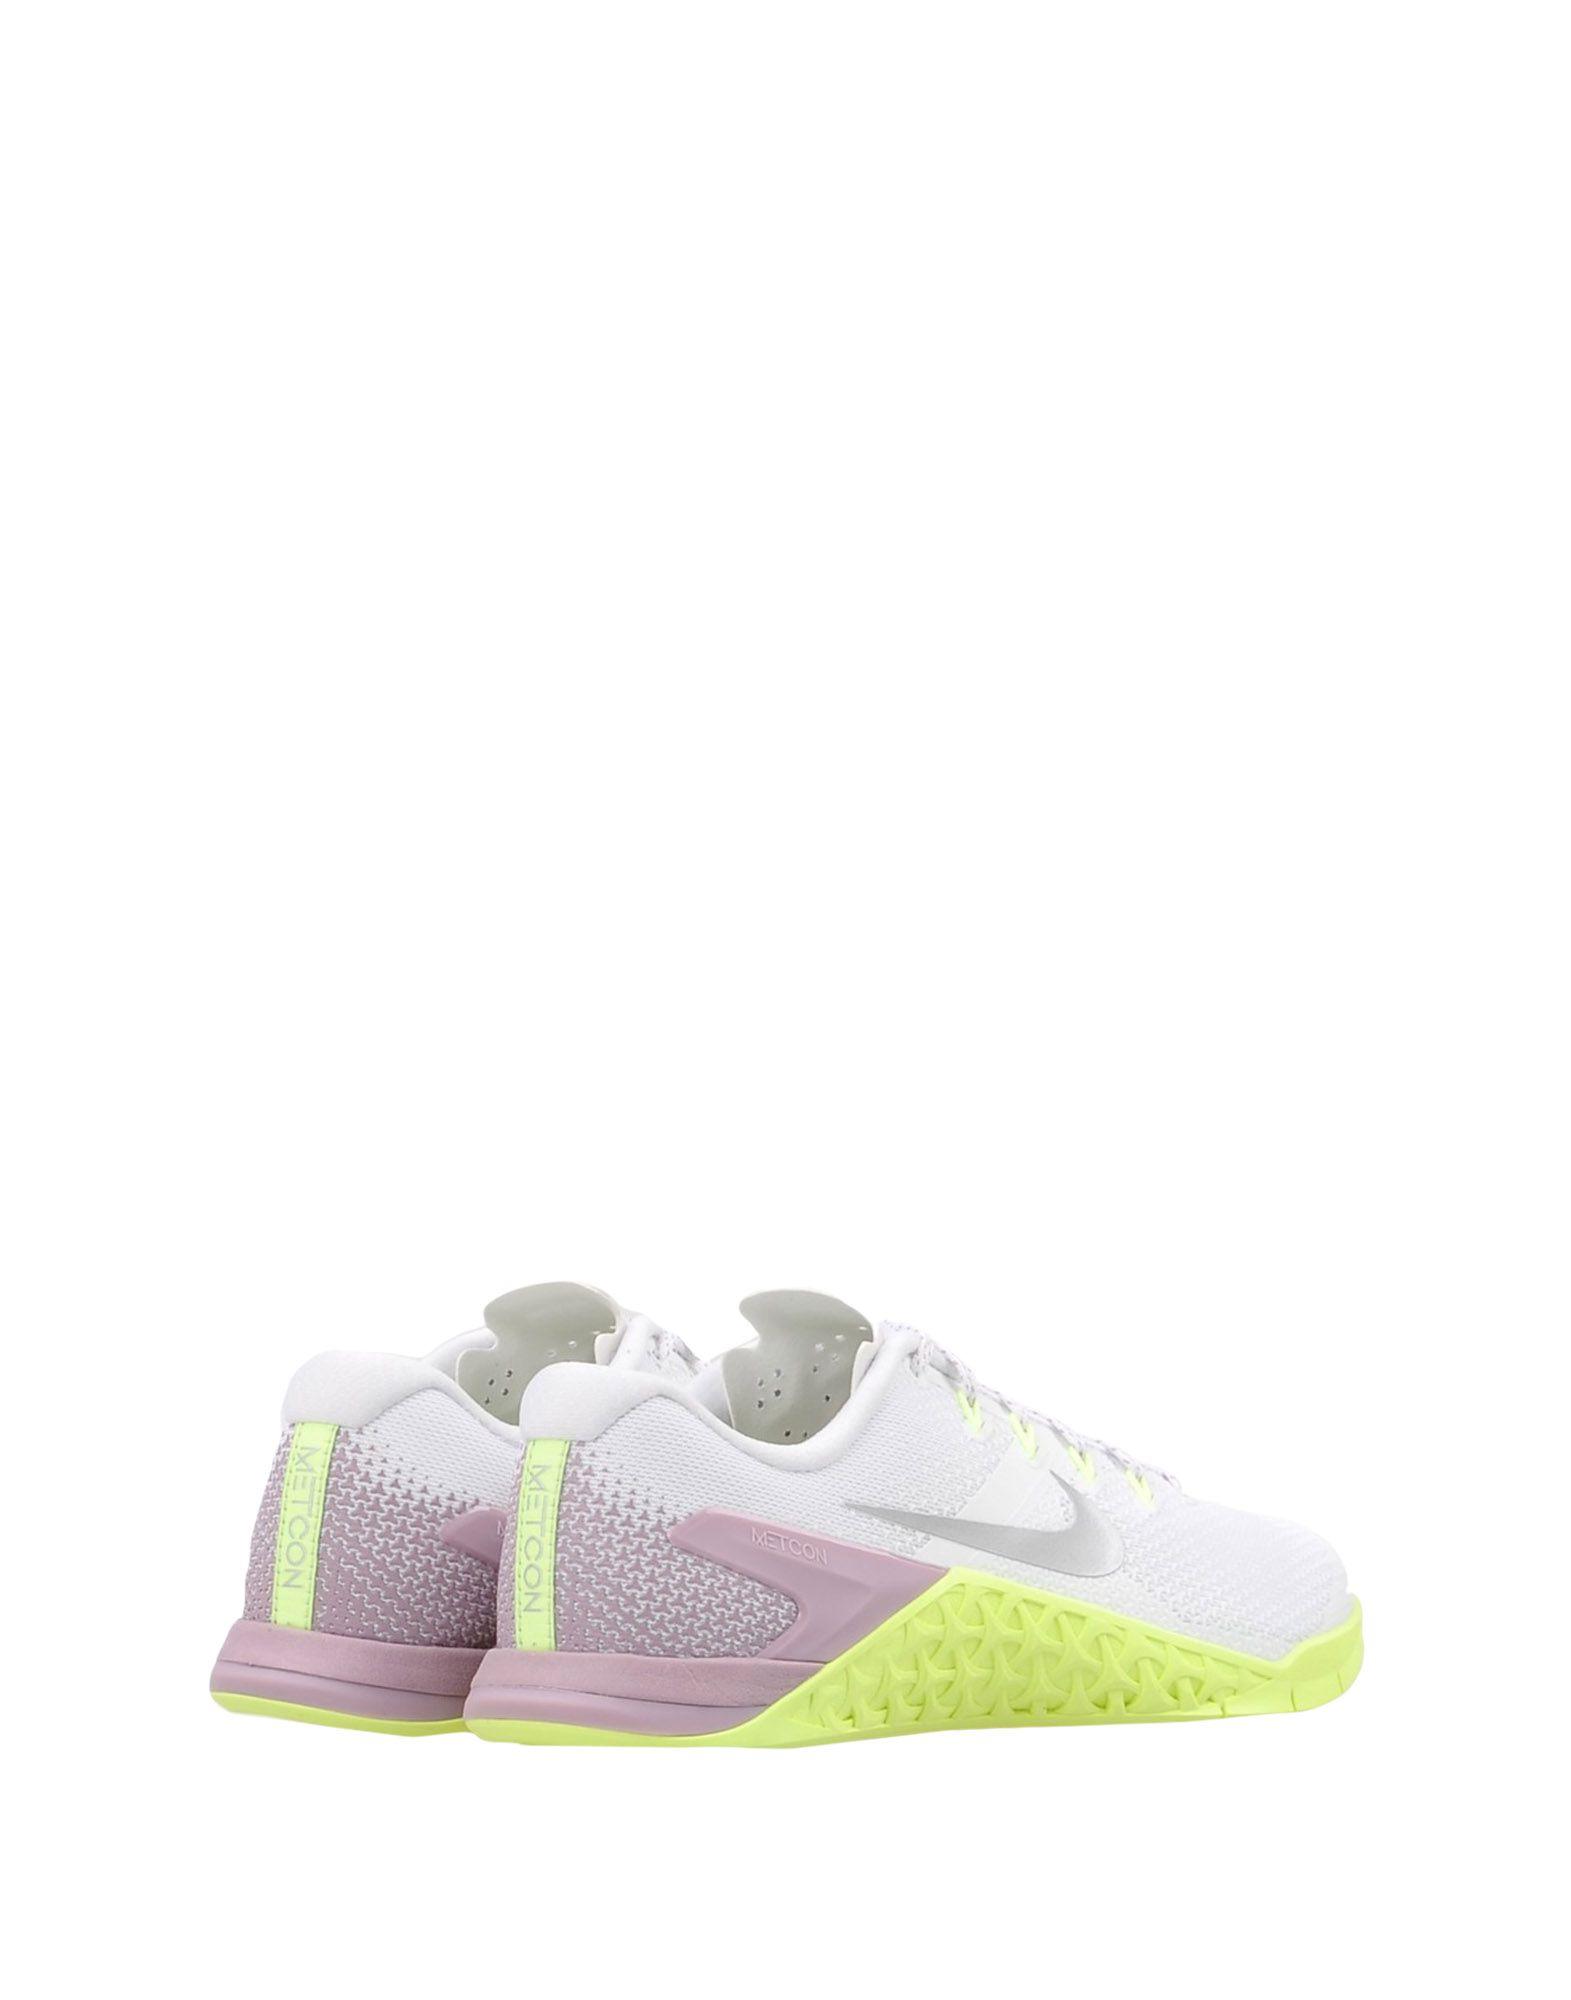 Nike Metcon 4 11427831WL Gute Schuhe Qualität beliebte Schuhe Gute 17cb5c